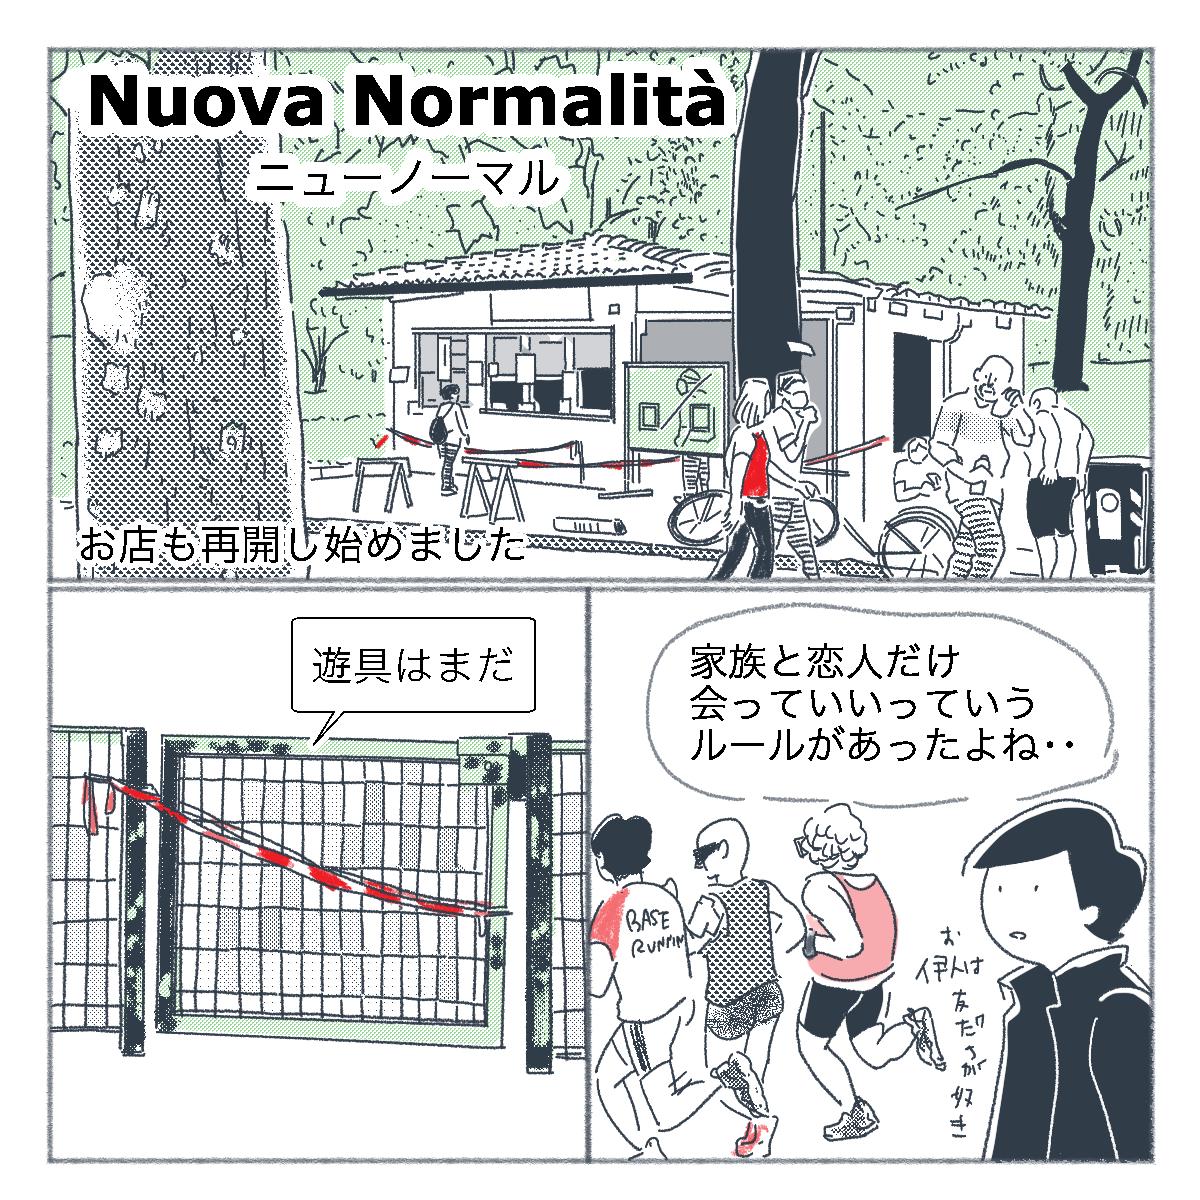 ニューノーマルについて説明したイラスト